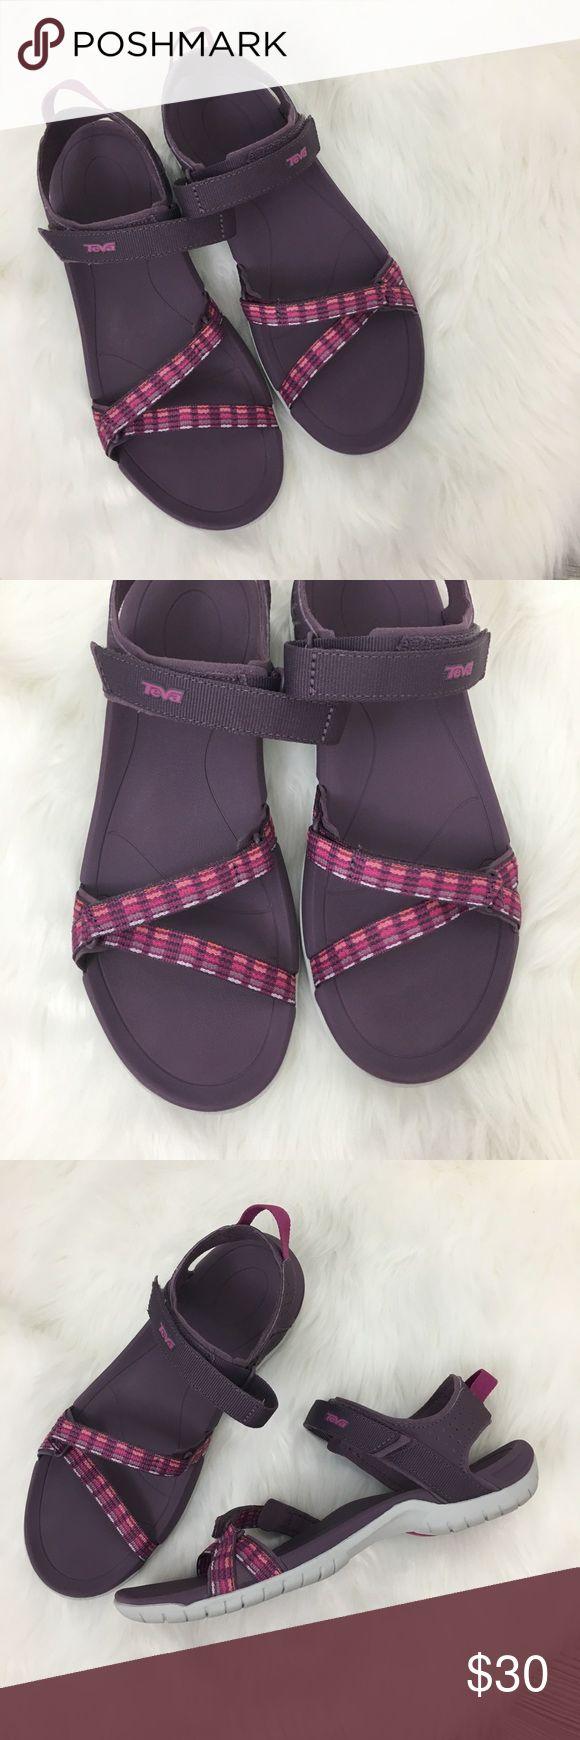 Teva Sandals Size 9.5.  Teva water shoe sandals.  Excellent Condition! Teva Shoes Sandals